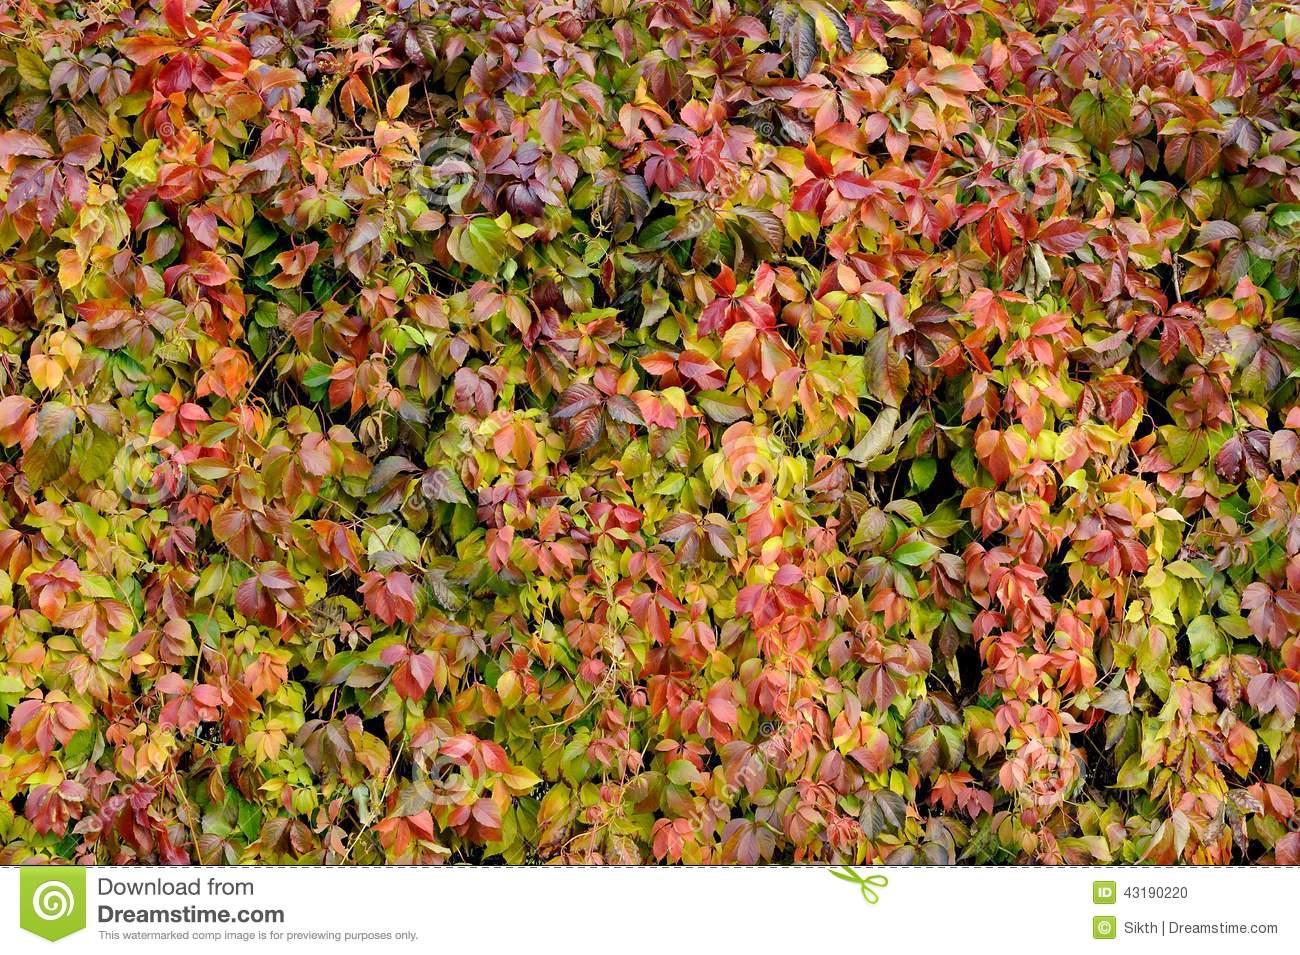 Parthenocissus Quinquefolia Or Virginia Creeper Changing Color In.